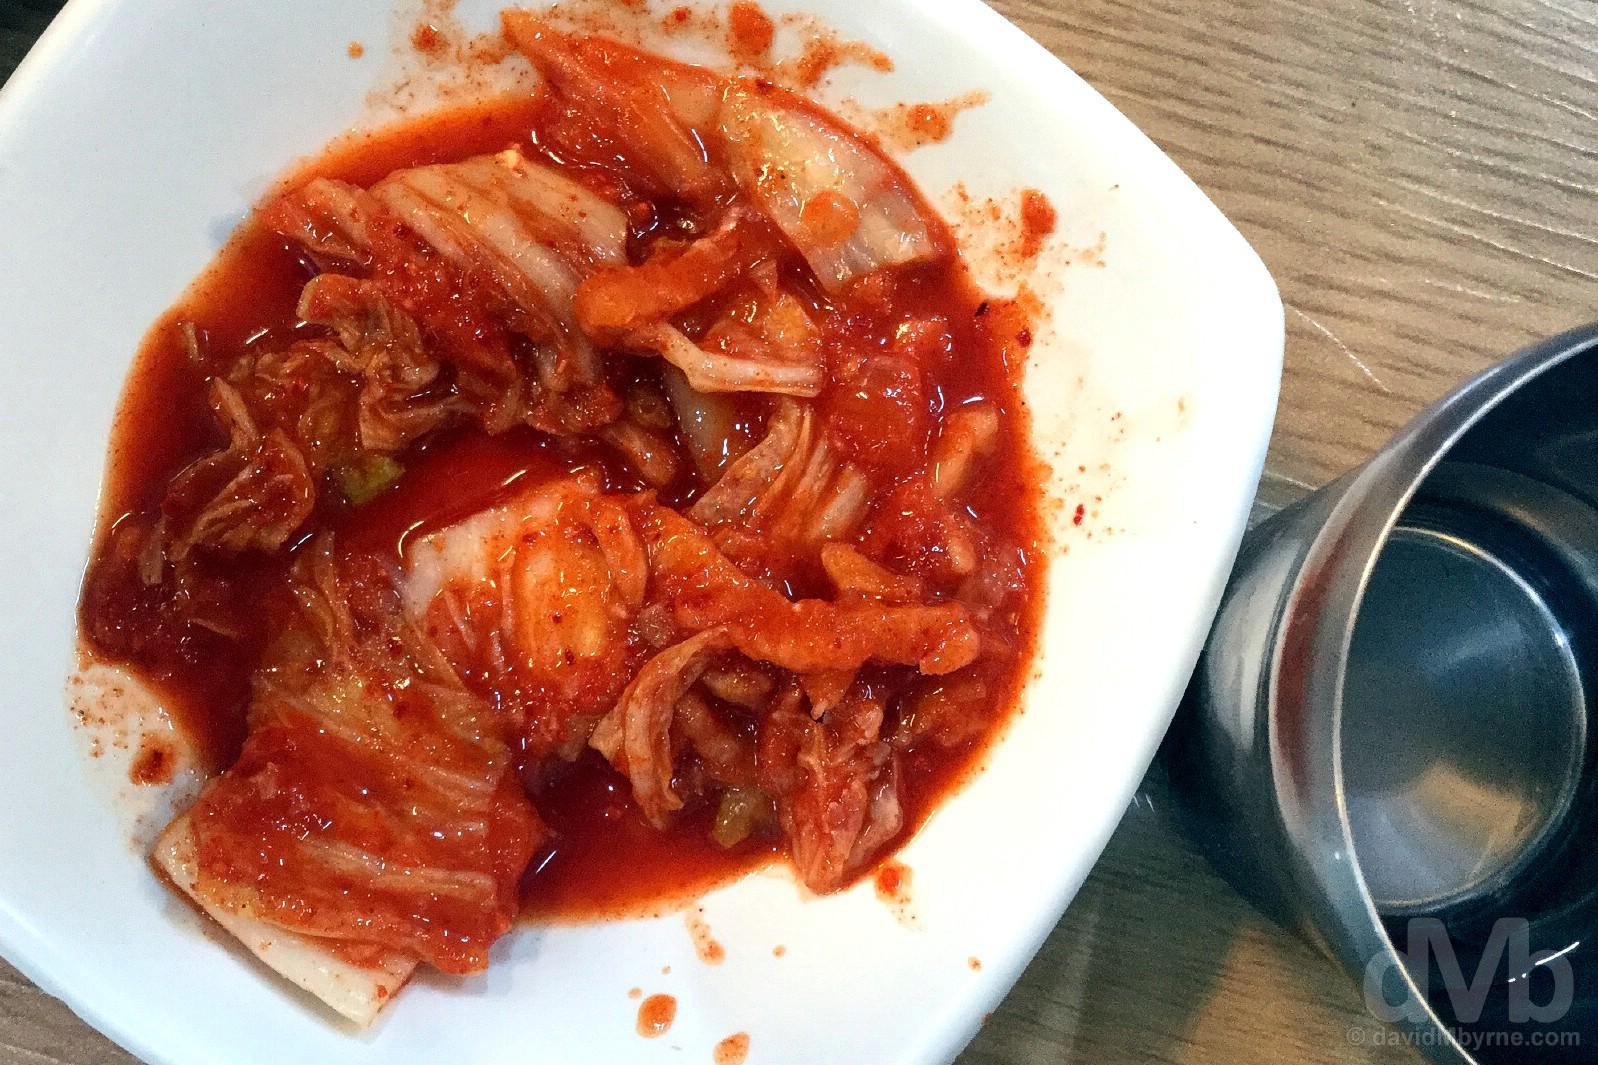 Kimchi. Yeoksam, Seoul, South Korea. July 18, 2017.